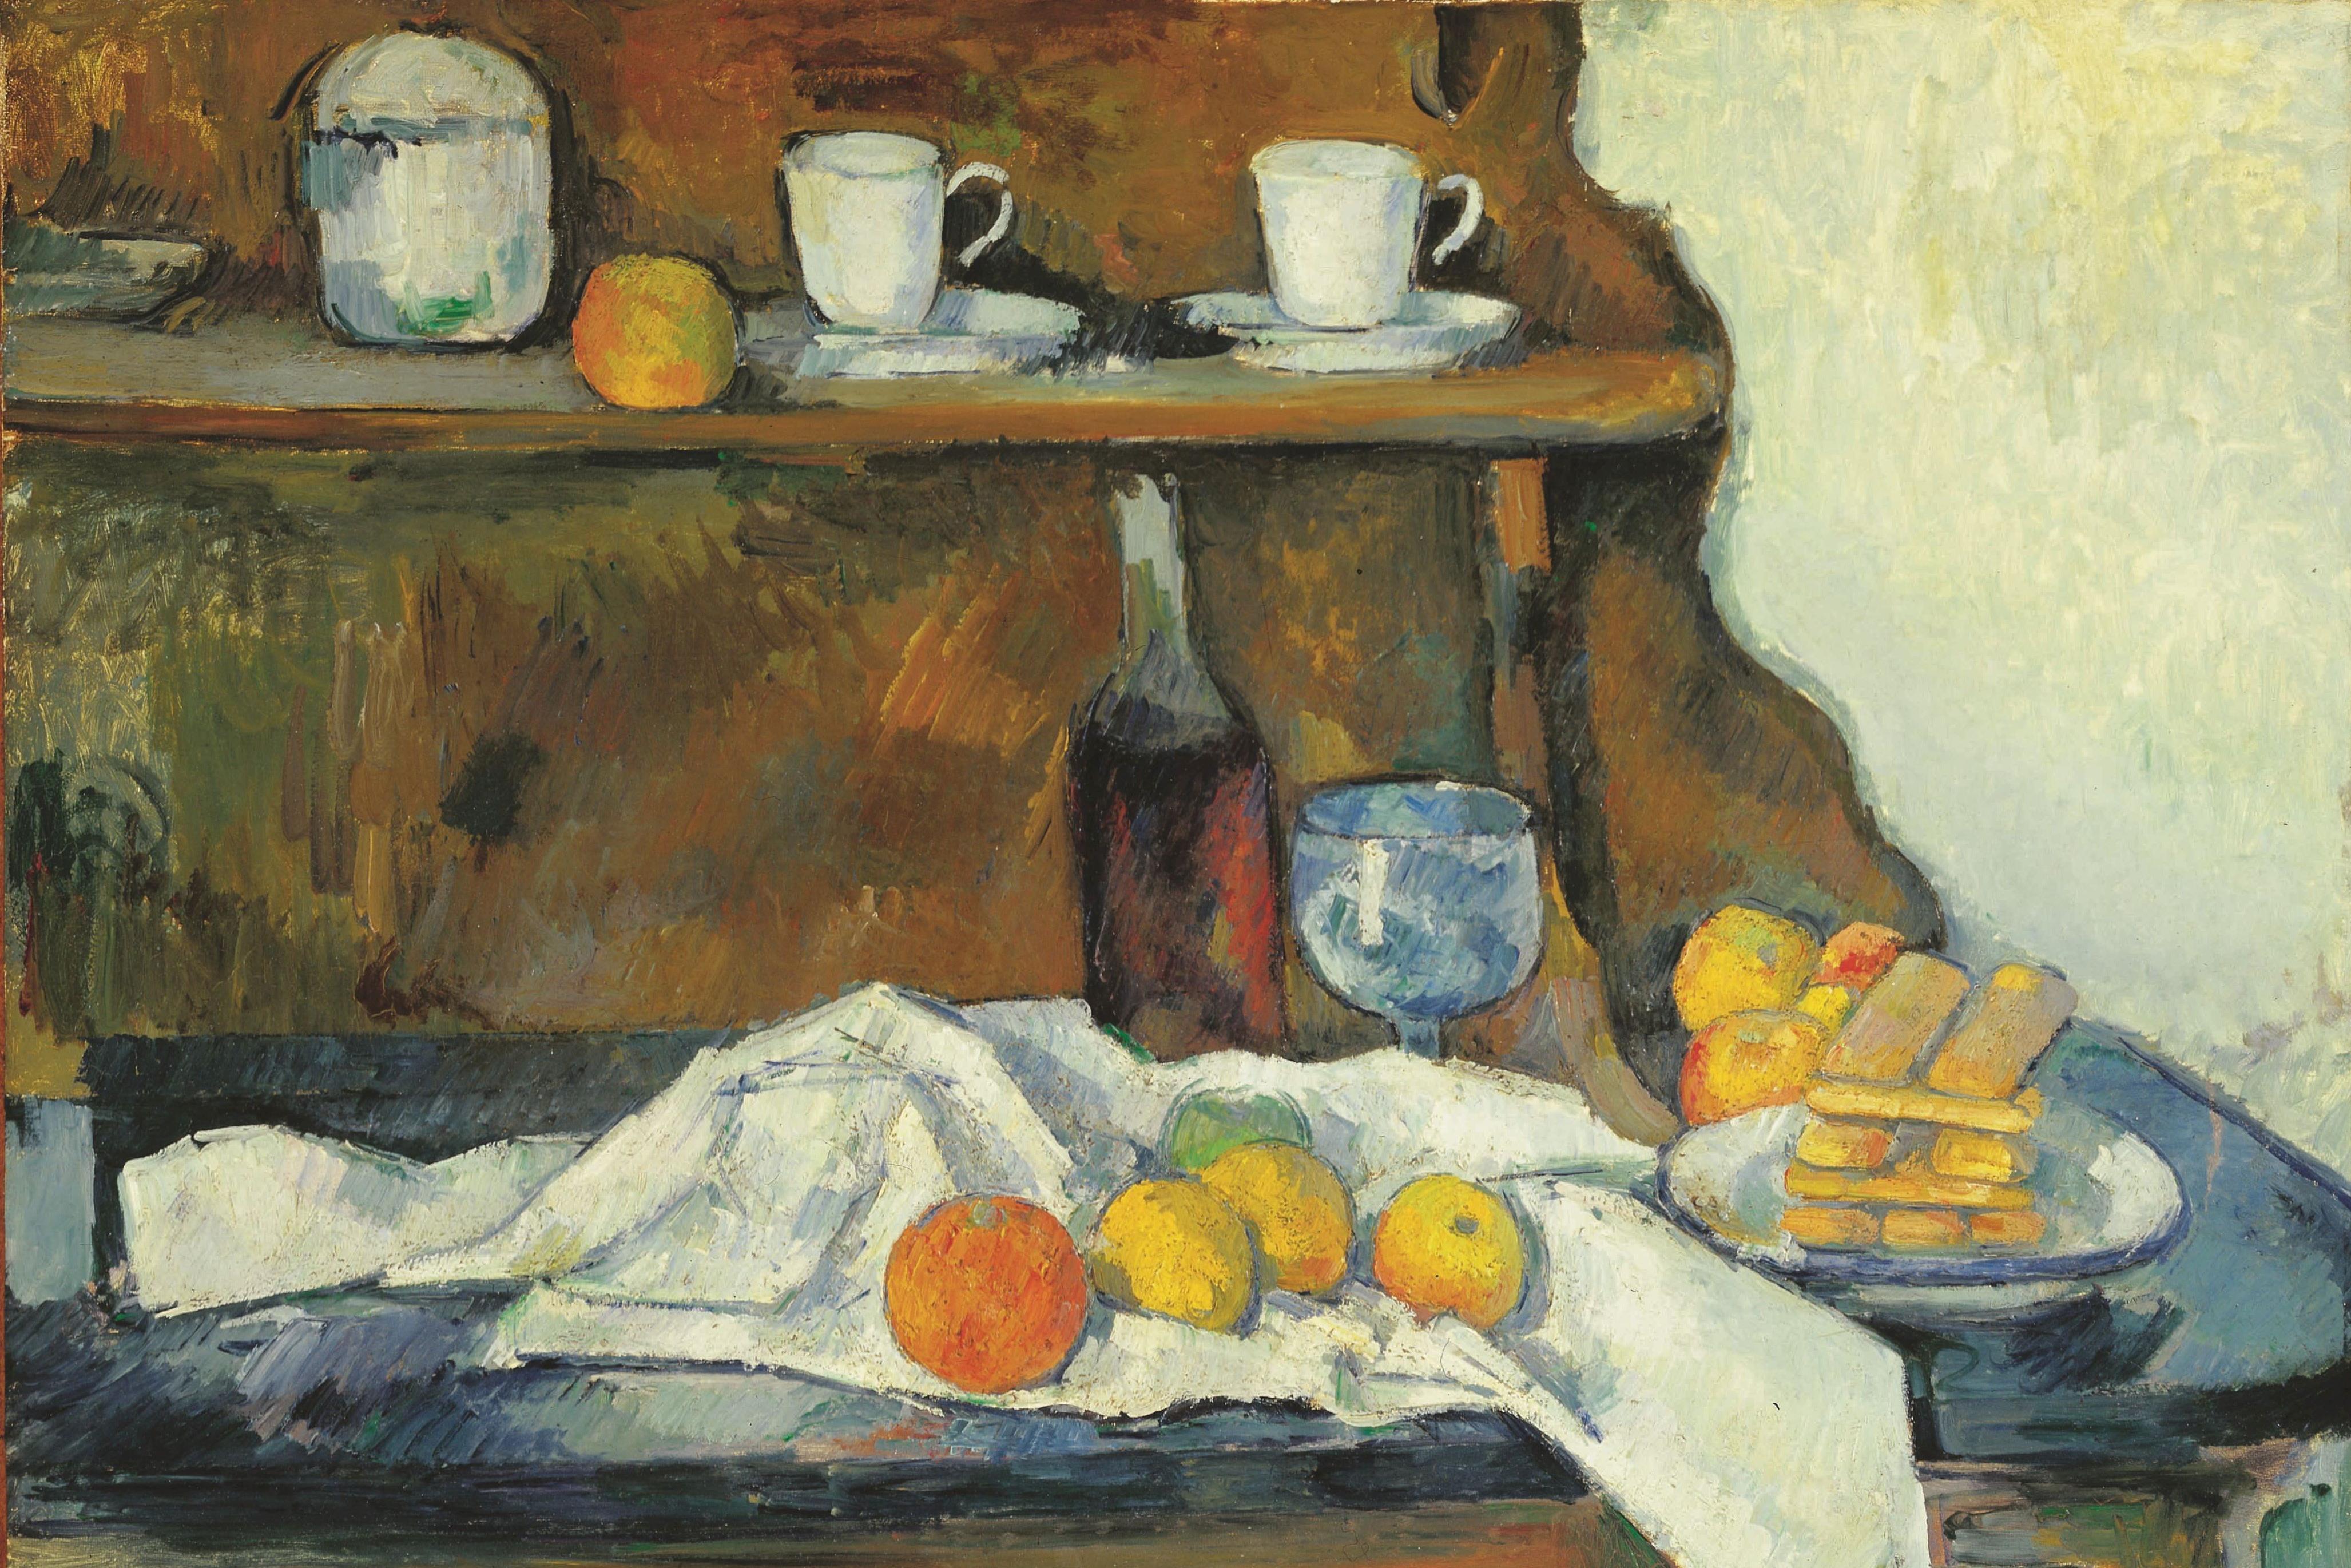 Nyolc év után újabb Cezanne-kiállítás lesz a Szépművészetiben